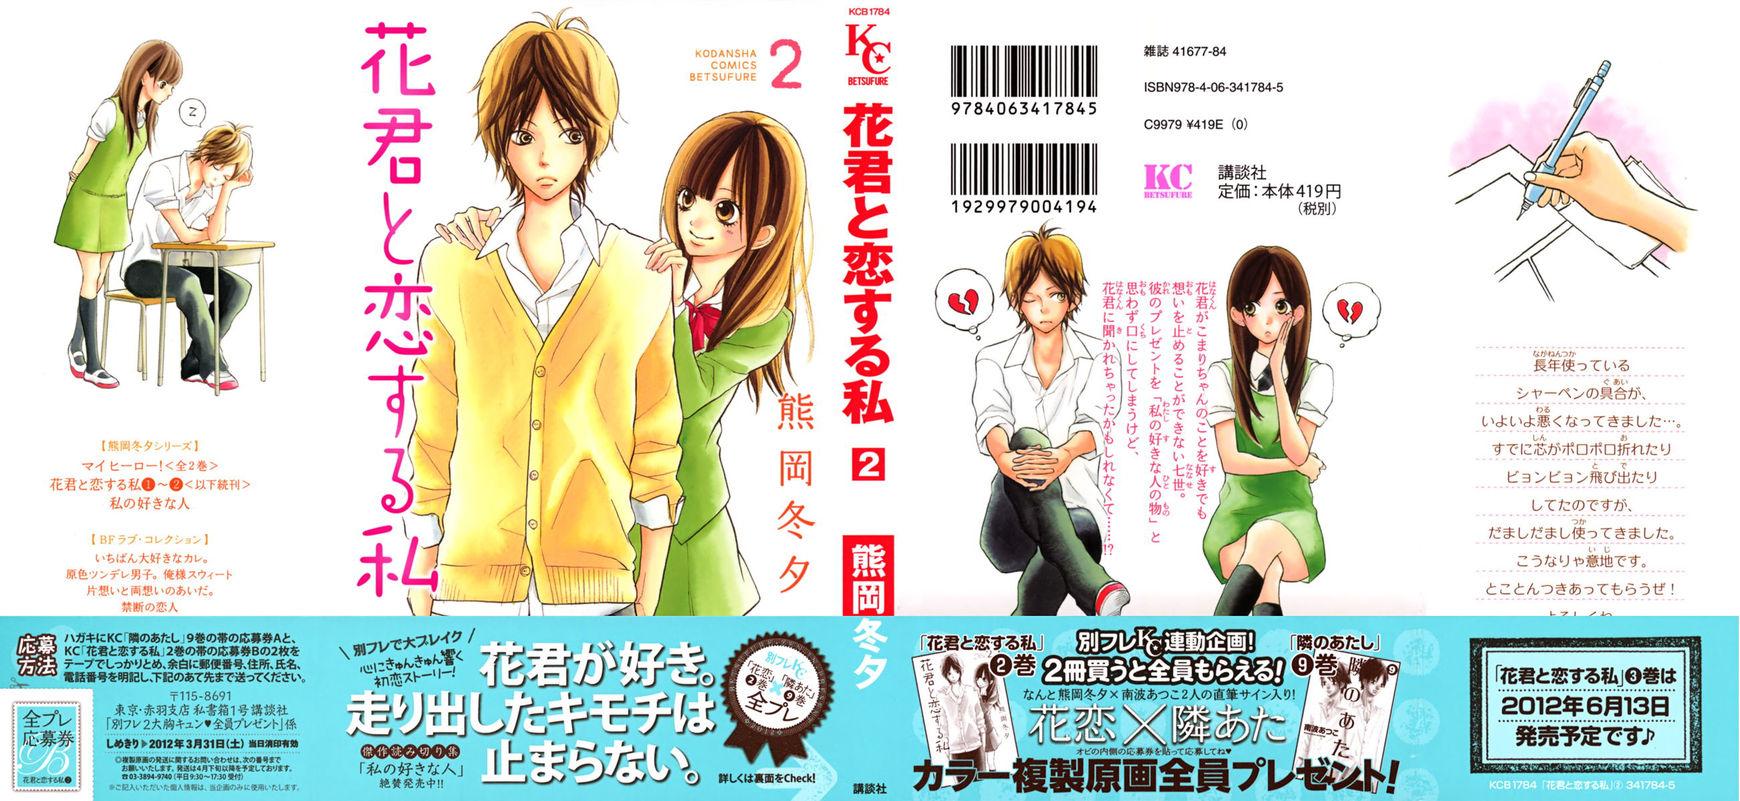 Hanagimi to Koisuru Watashi 5 Page 2